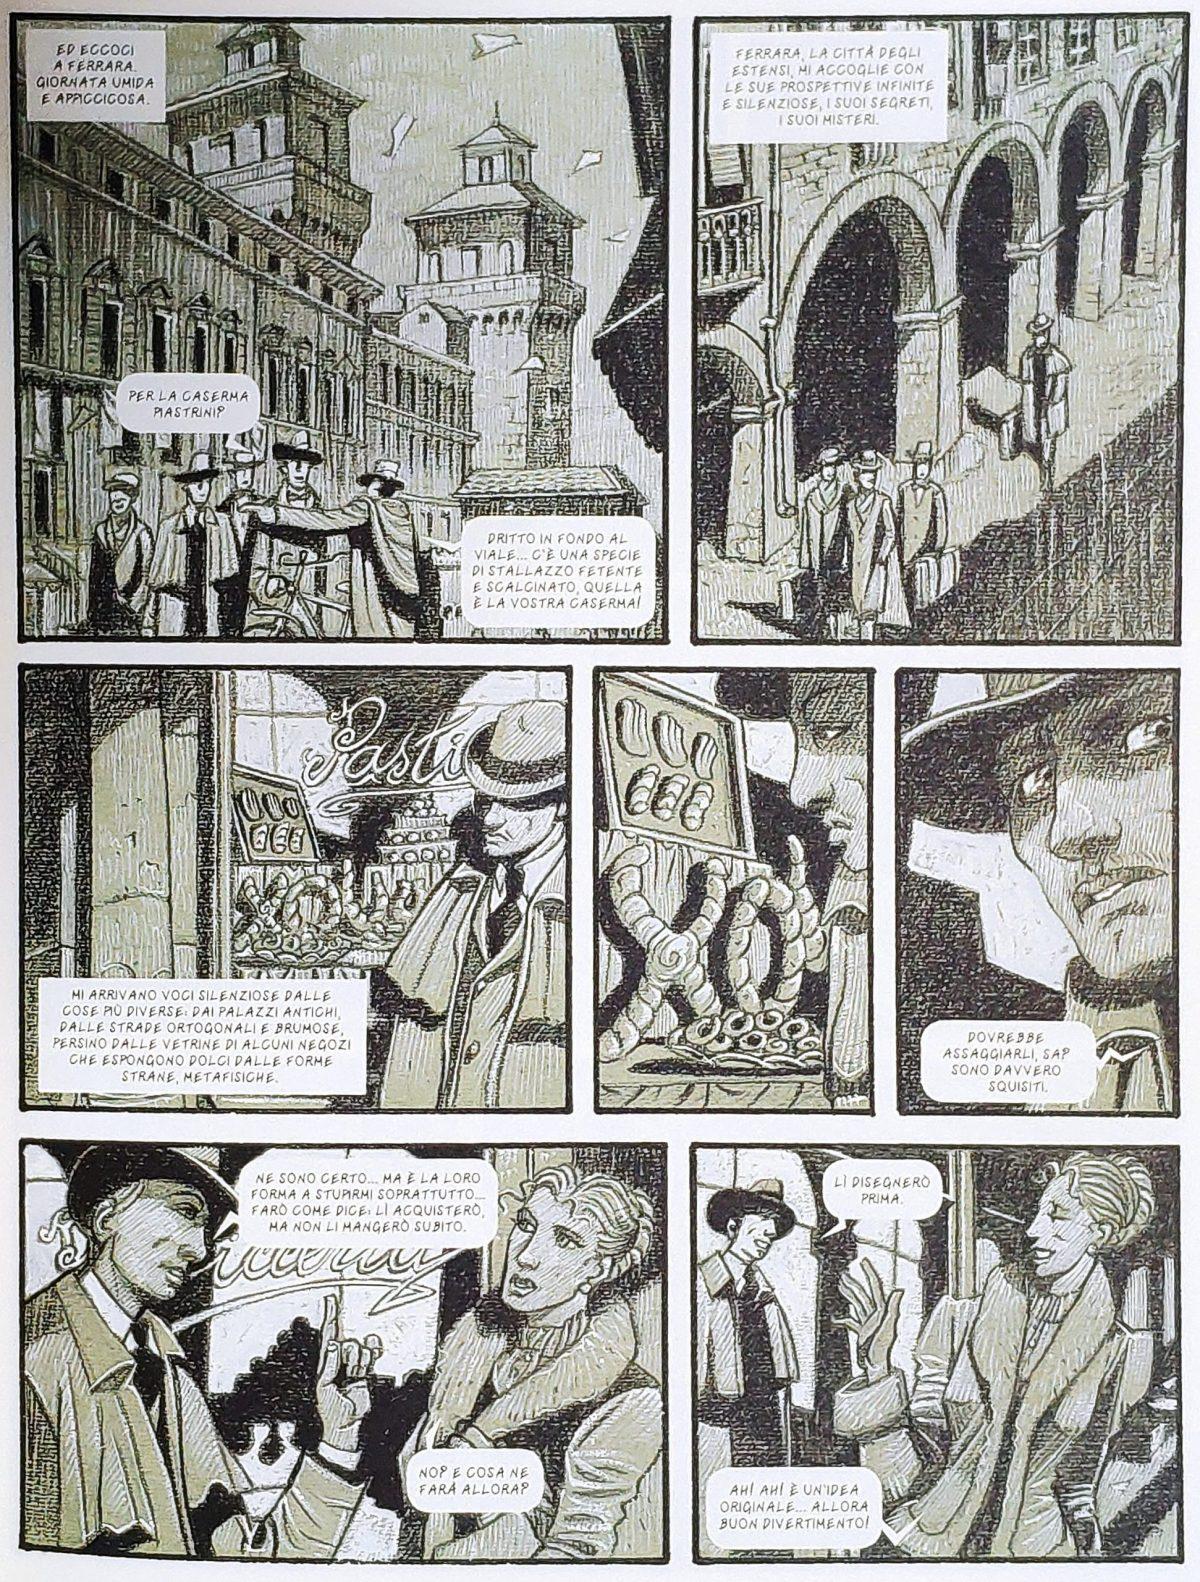 Mio caro fumetto... - Descrizione di Ferrara in De Chirico, Interno metafisico con biscotti